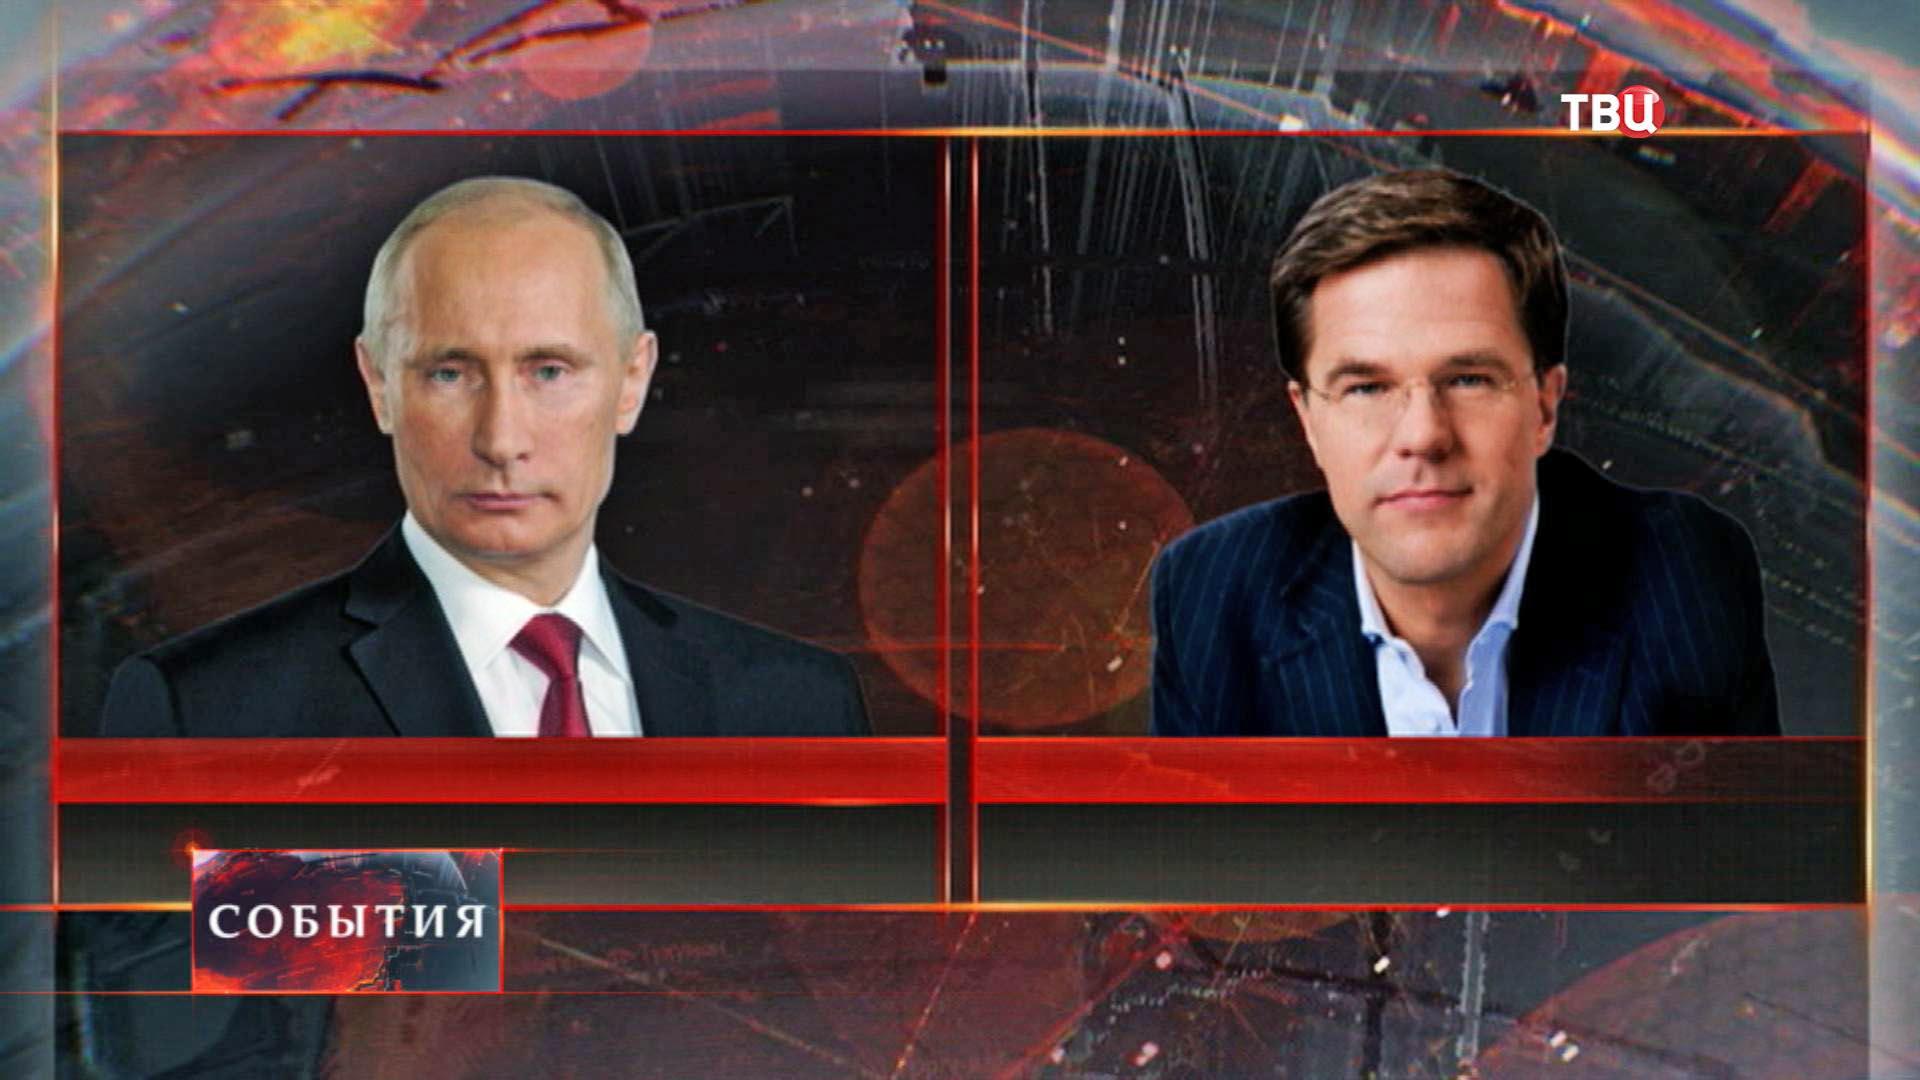 Президент России Владимир Путин и премьер-министр Нидерландов Марк Рютте